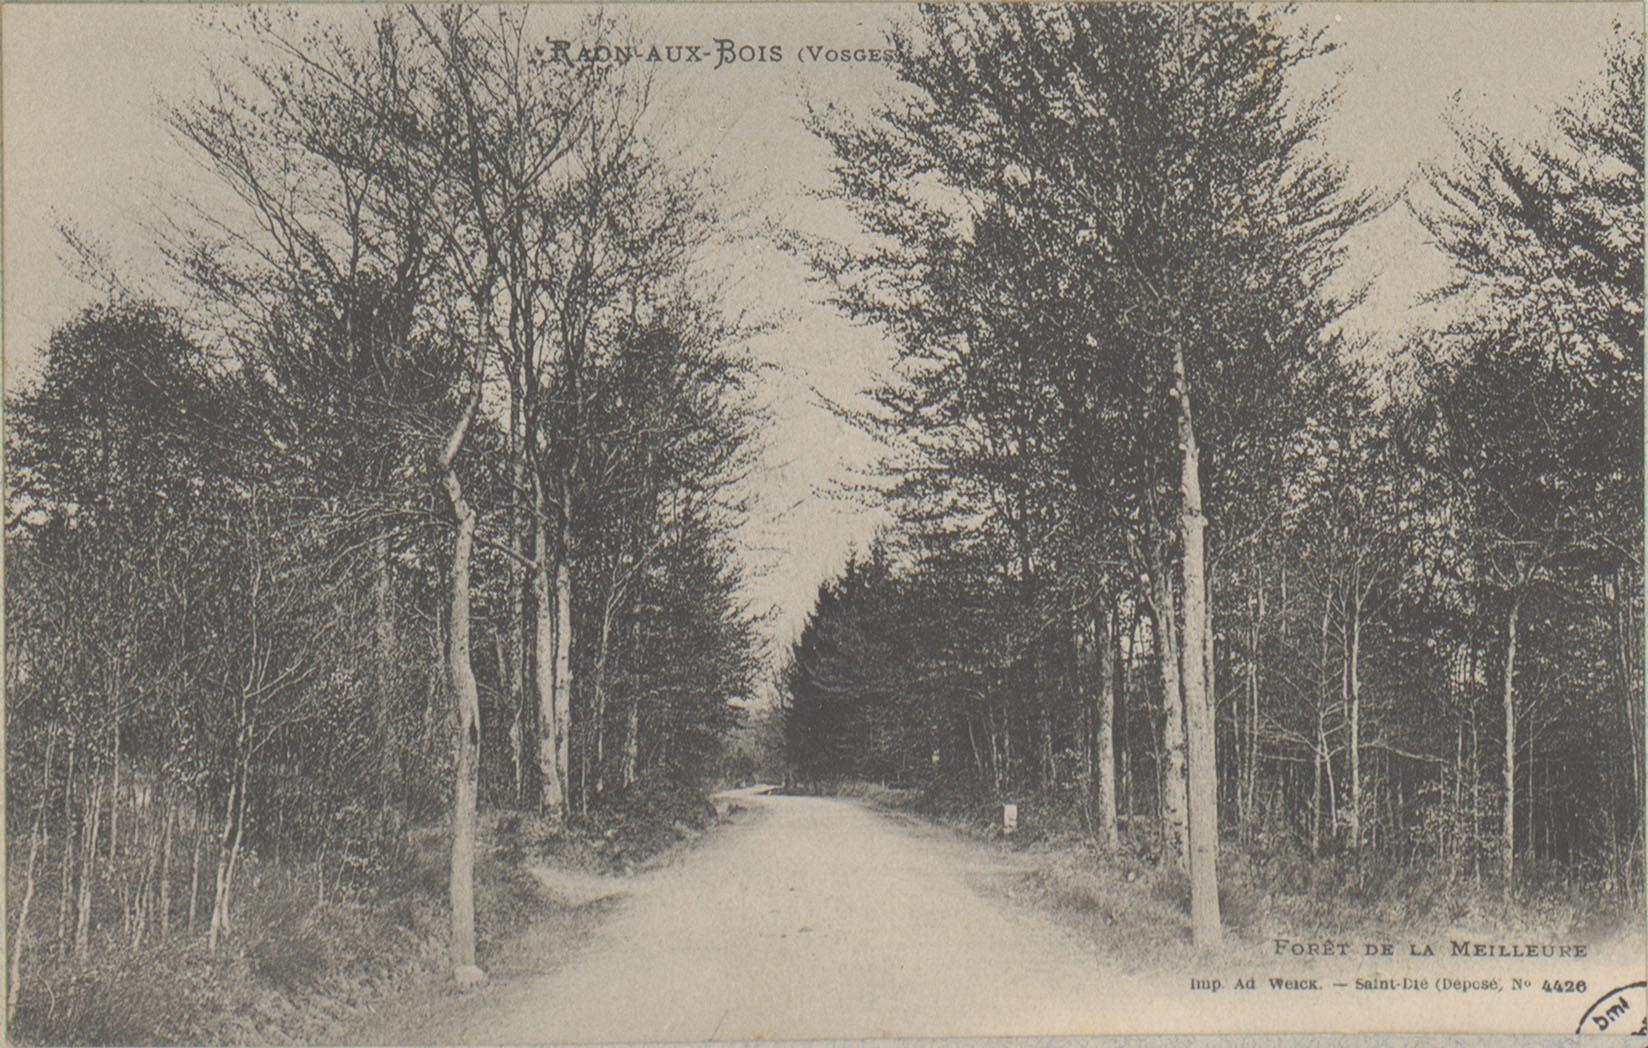 Contenu du Raon-aux-Bois (Vosges), Forêt de la Meilleure